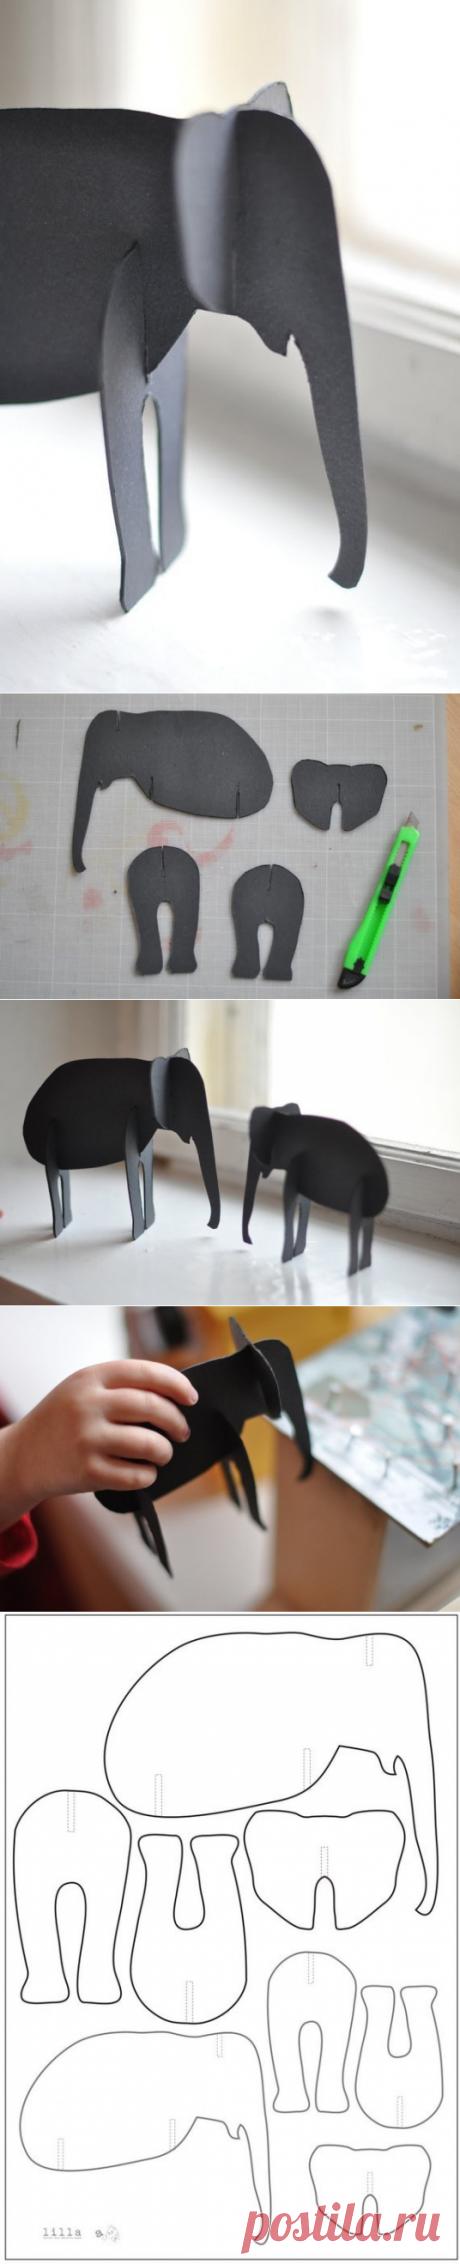 Делаем слонов из картона